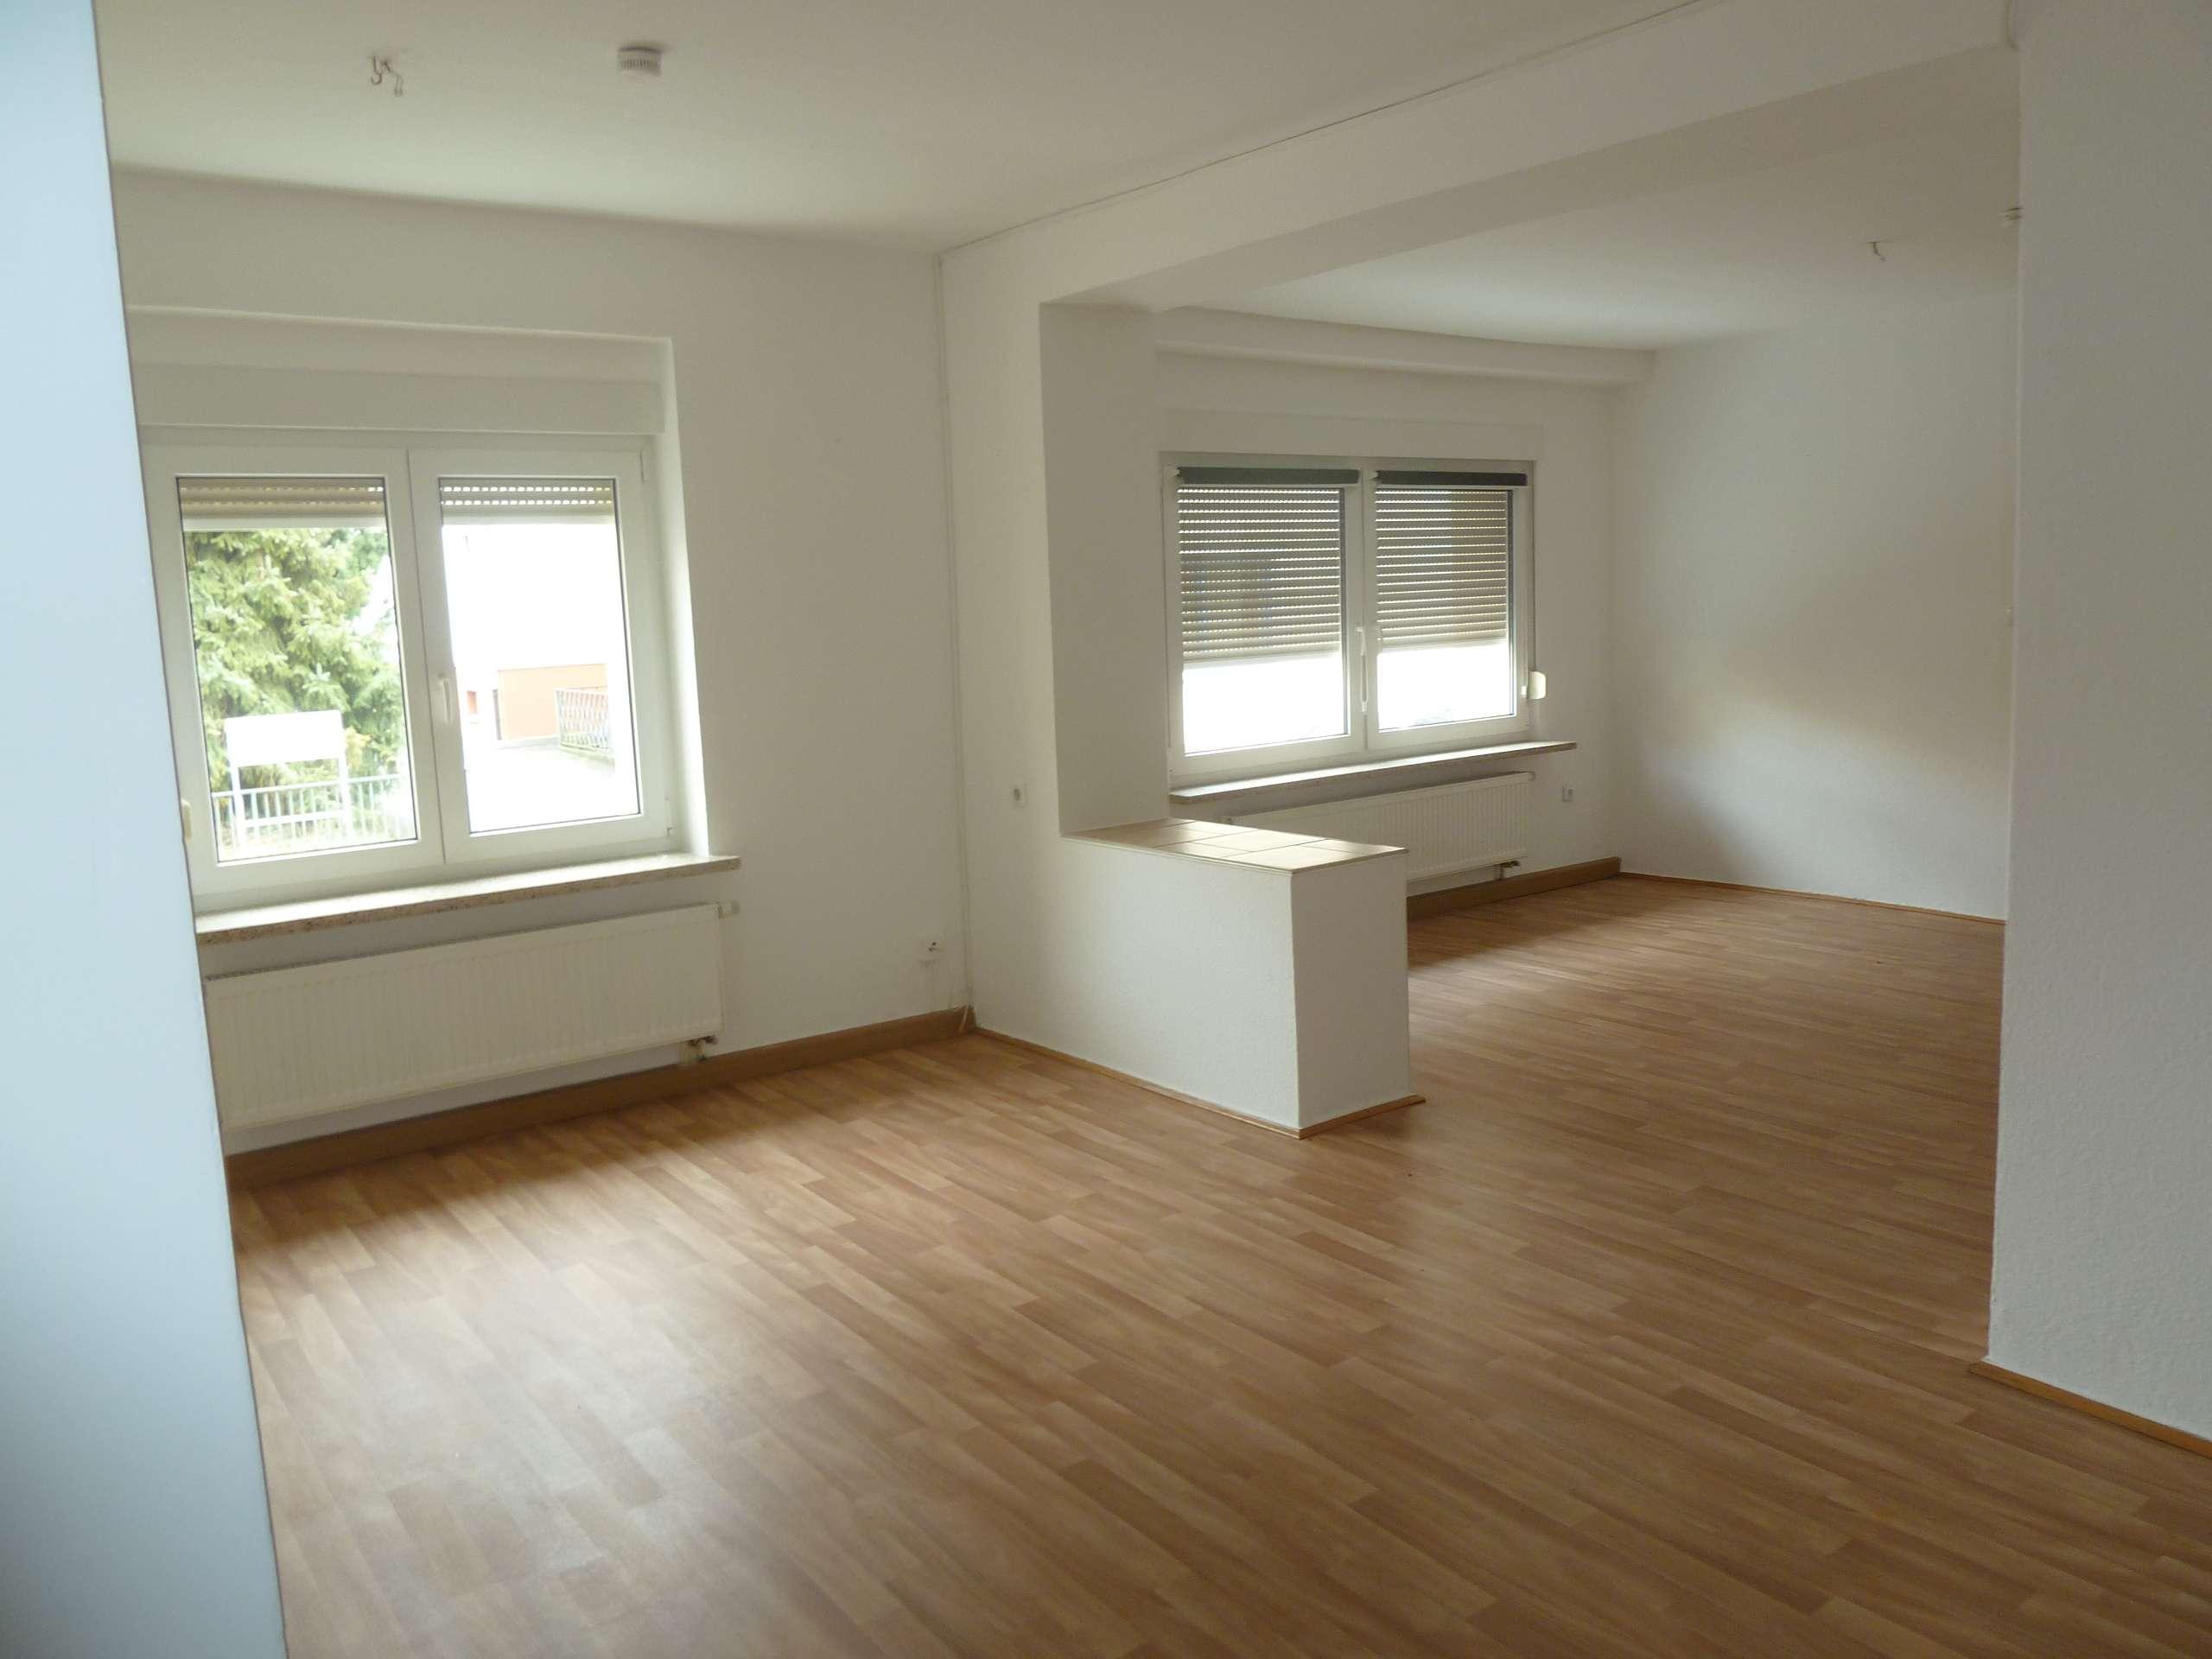 Schöne 3- Zimmer Wohnung in  Neustadt bei Coburg in Neustadt bei Coburg